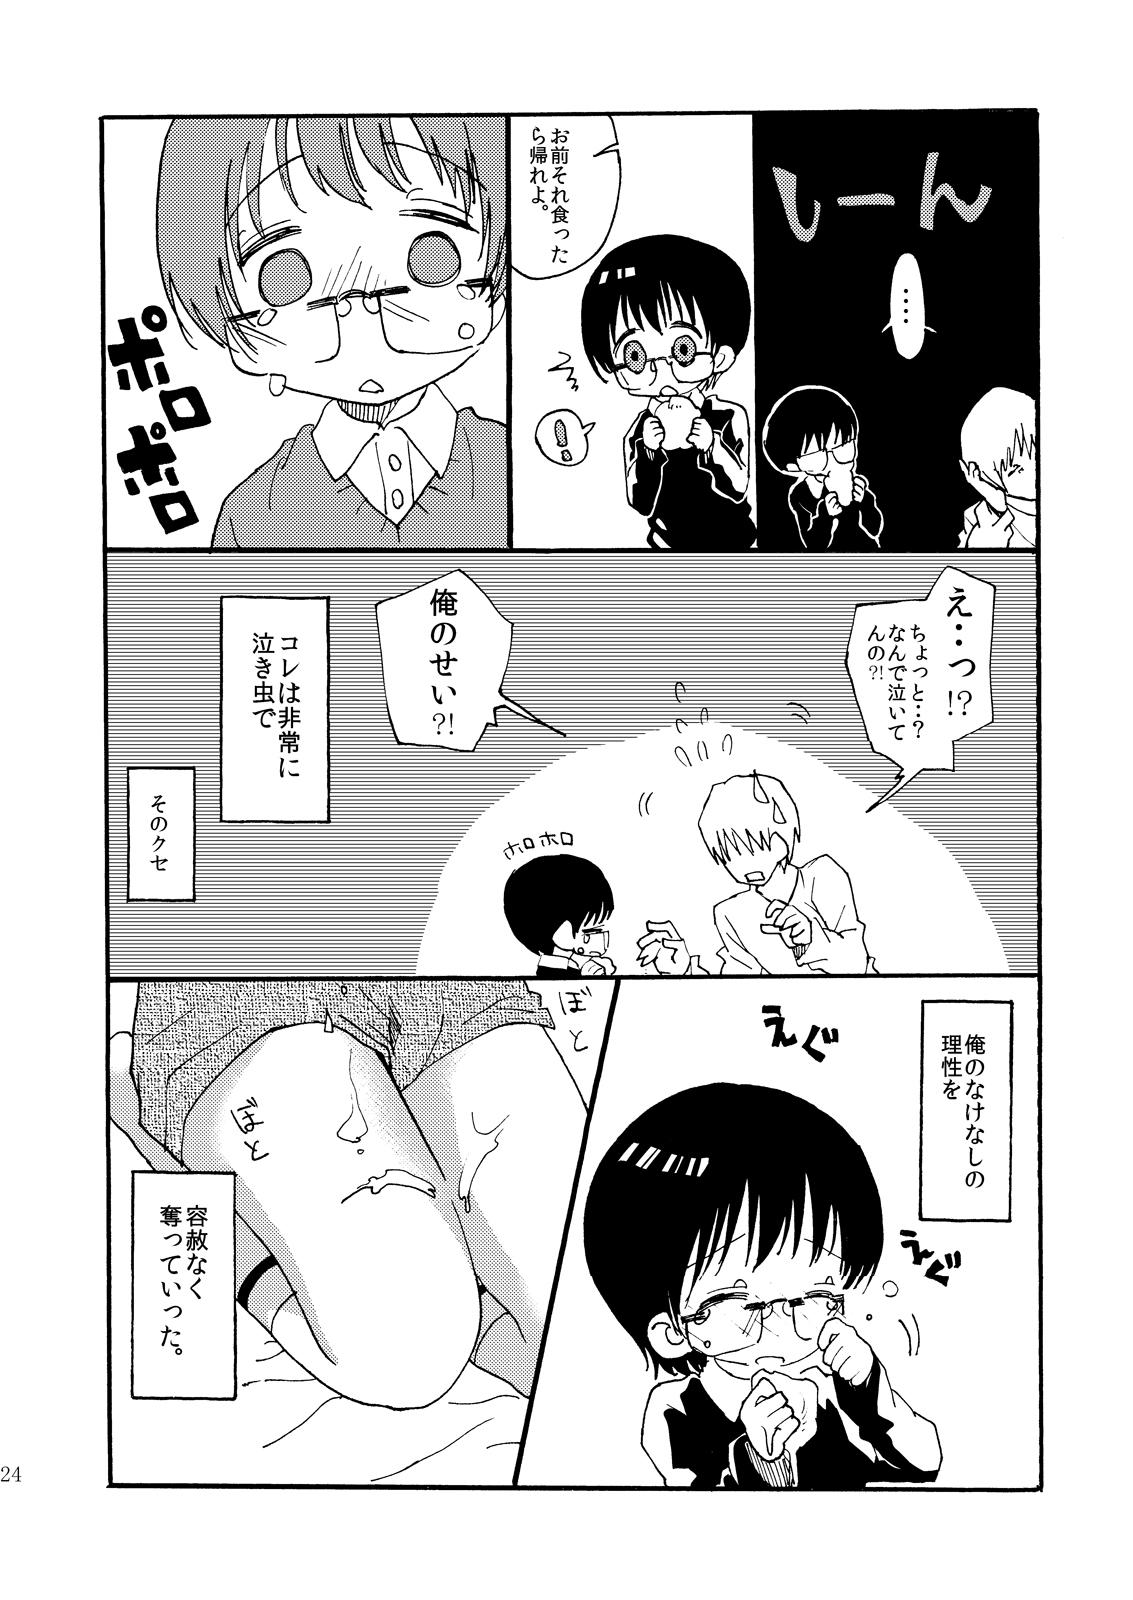 Yuugure Doki no ♂ Gakusei 22